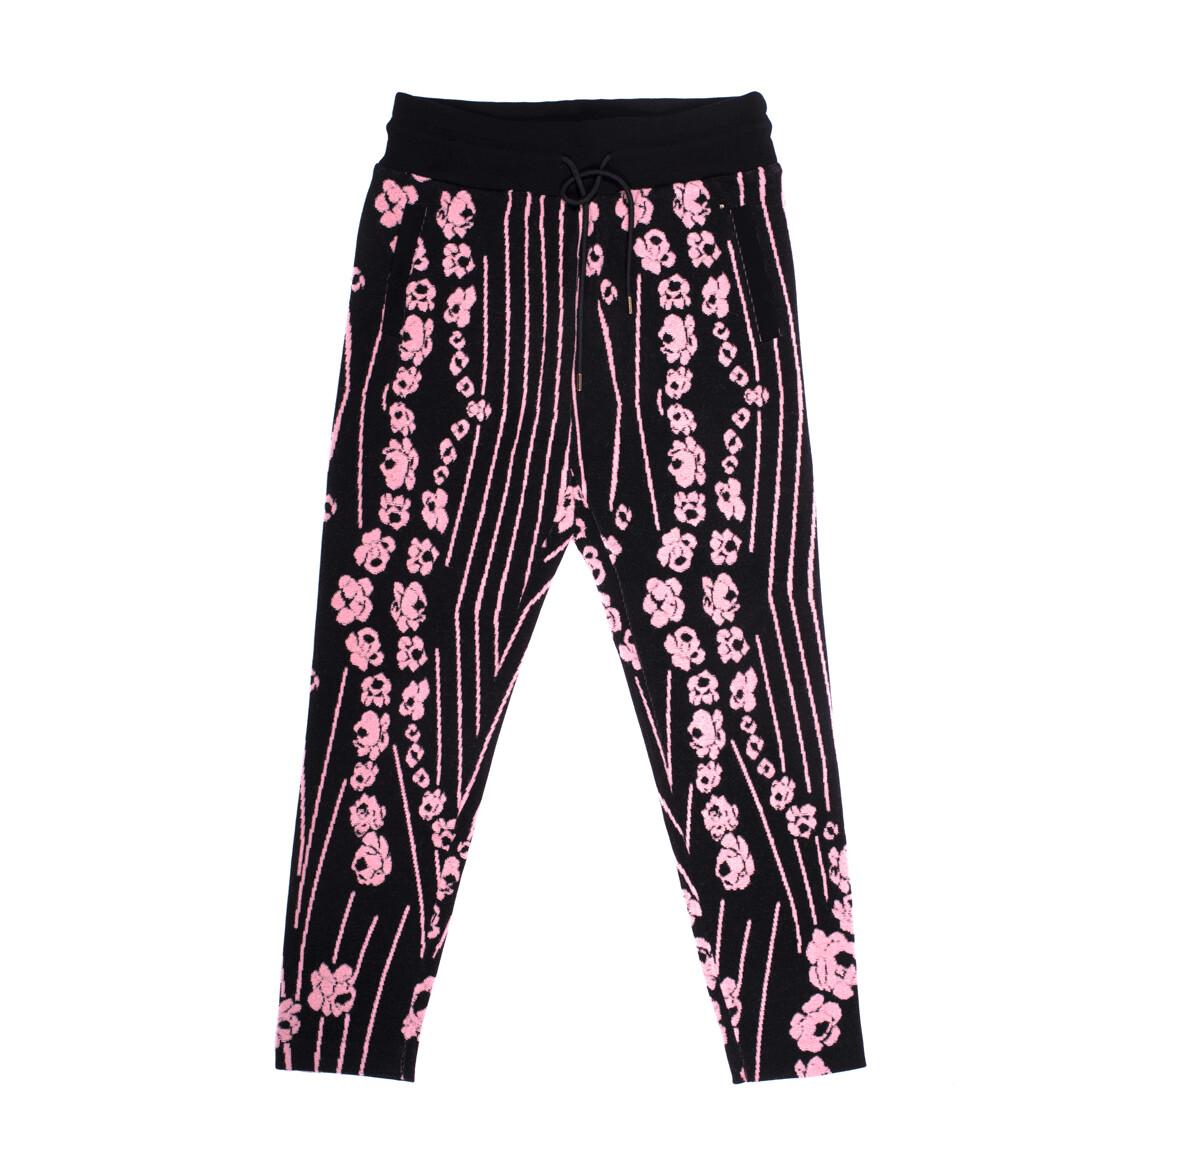 PINK COGNOSCENTI (Pantalone)